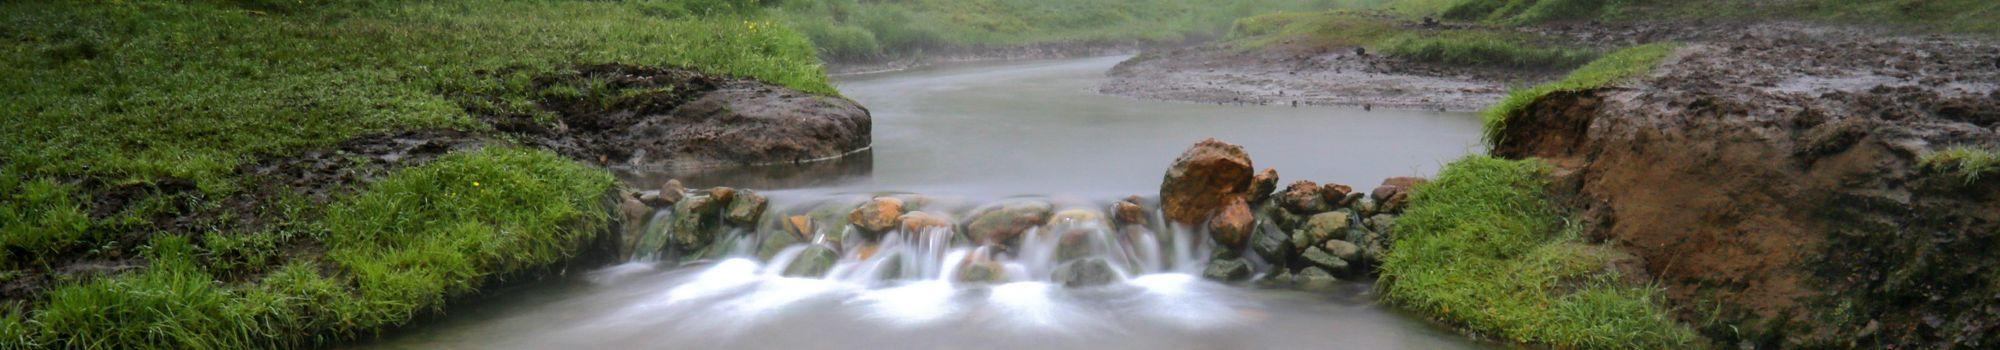 Reykjadalur-hotspring-hiking-tour-Iceland